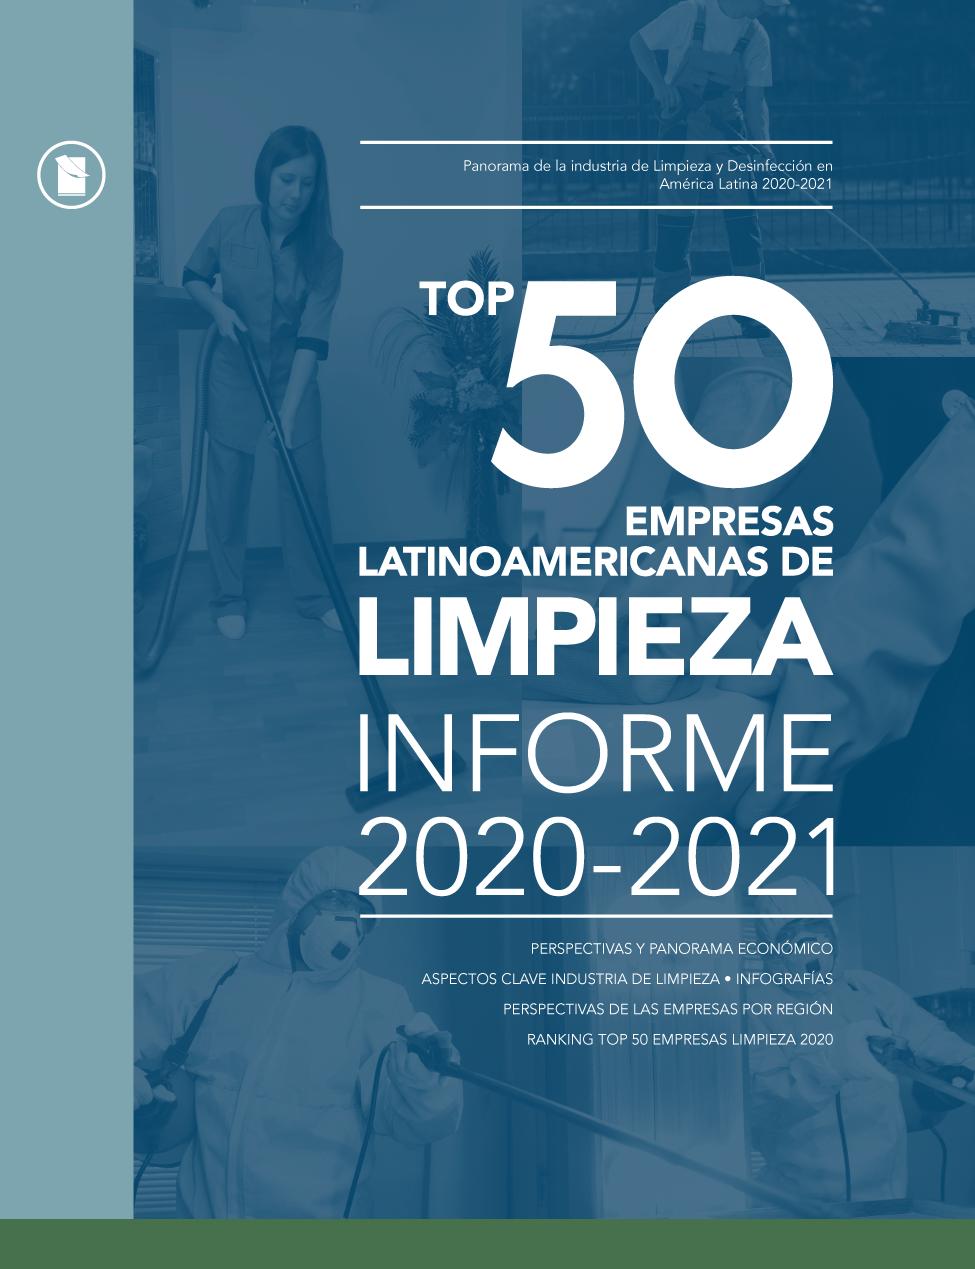 TOP 50 EMPRESAS DE LIMPIEZA • 2020-2021 Image